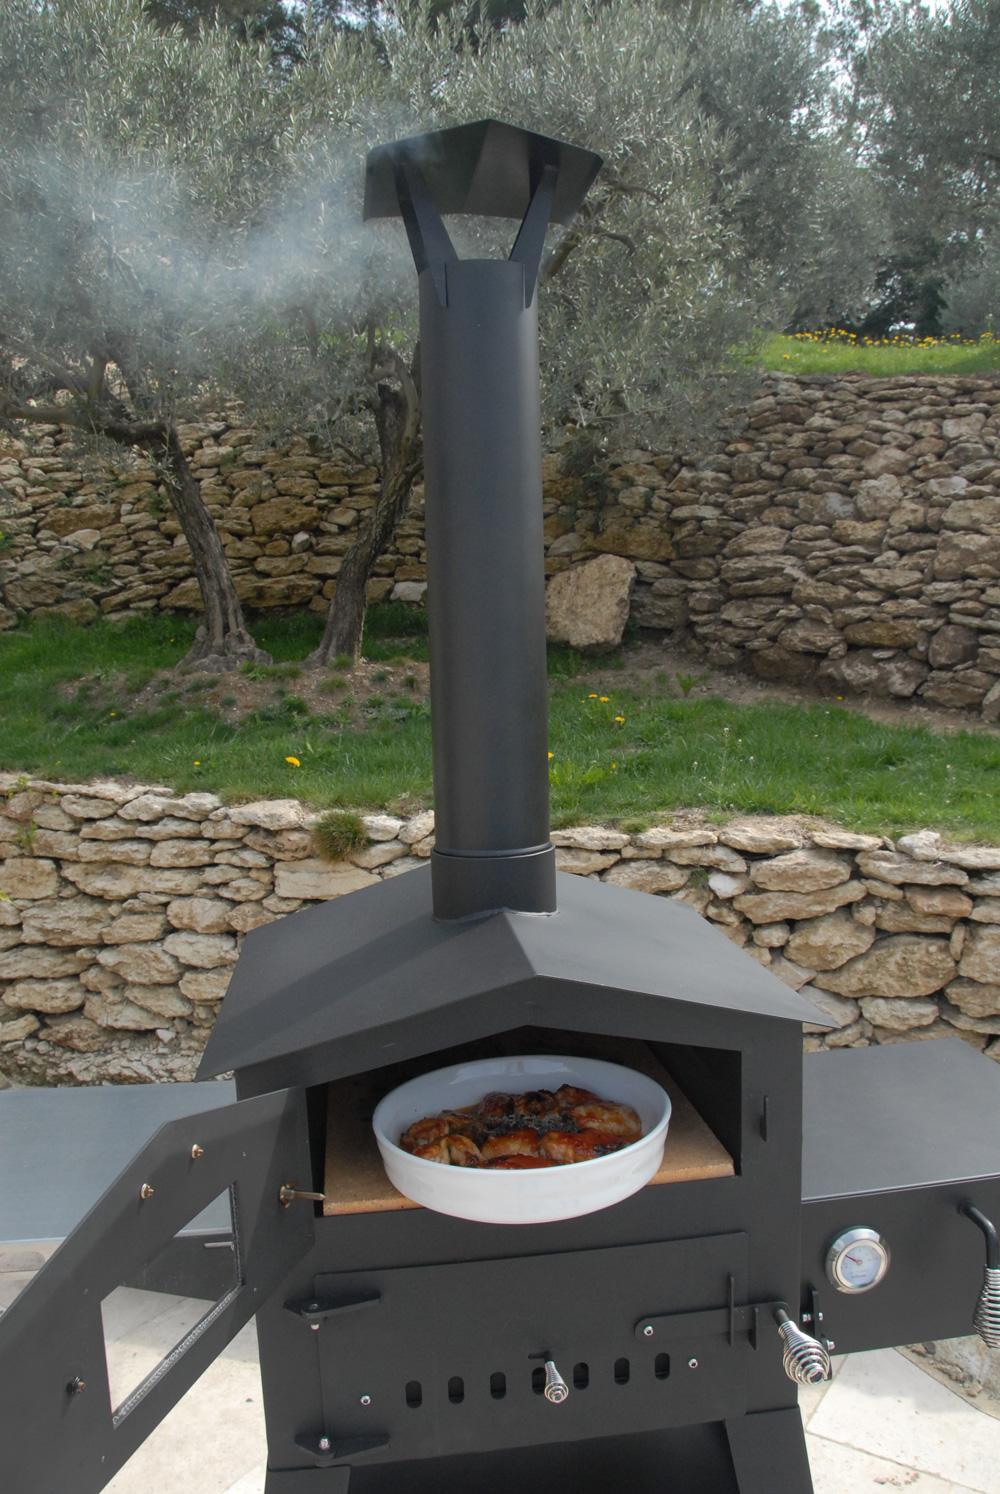 Pizzaofen / Holzbackofen Vulcano 2 ohne Warmhaltebox und Tablett Bild 5